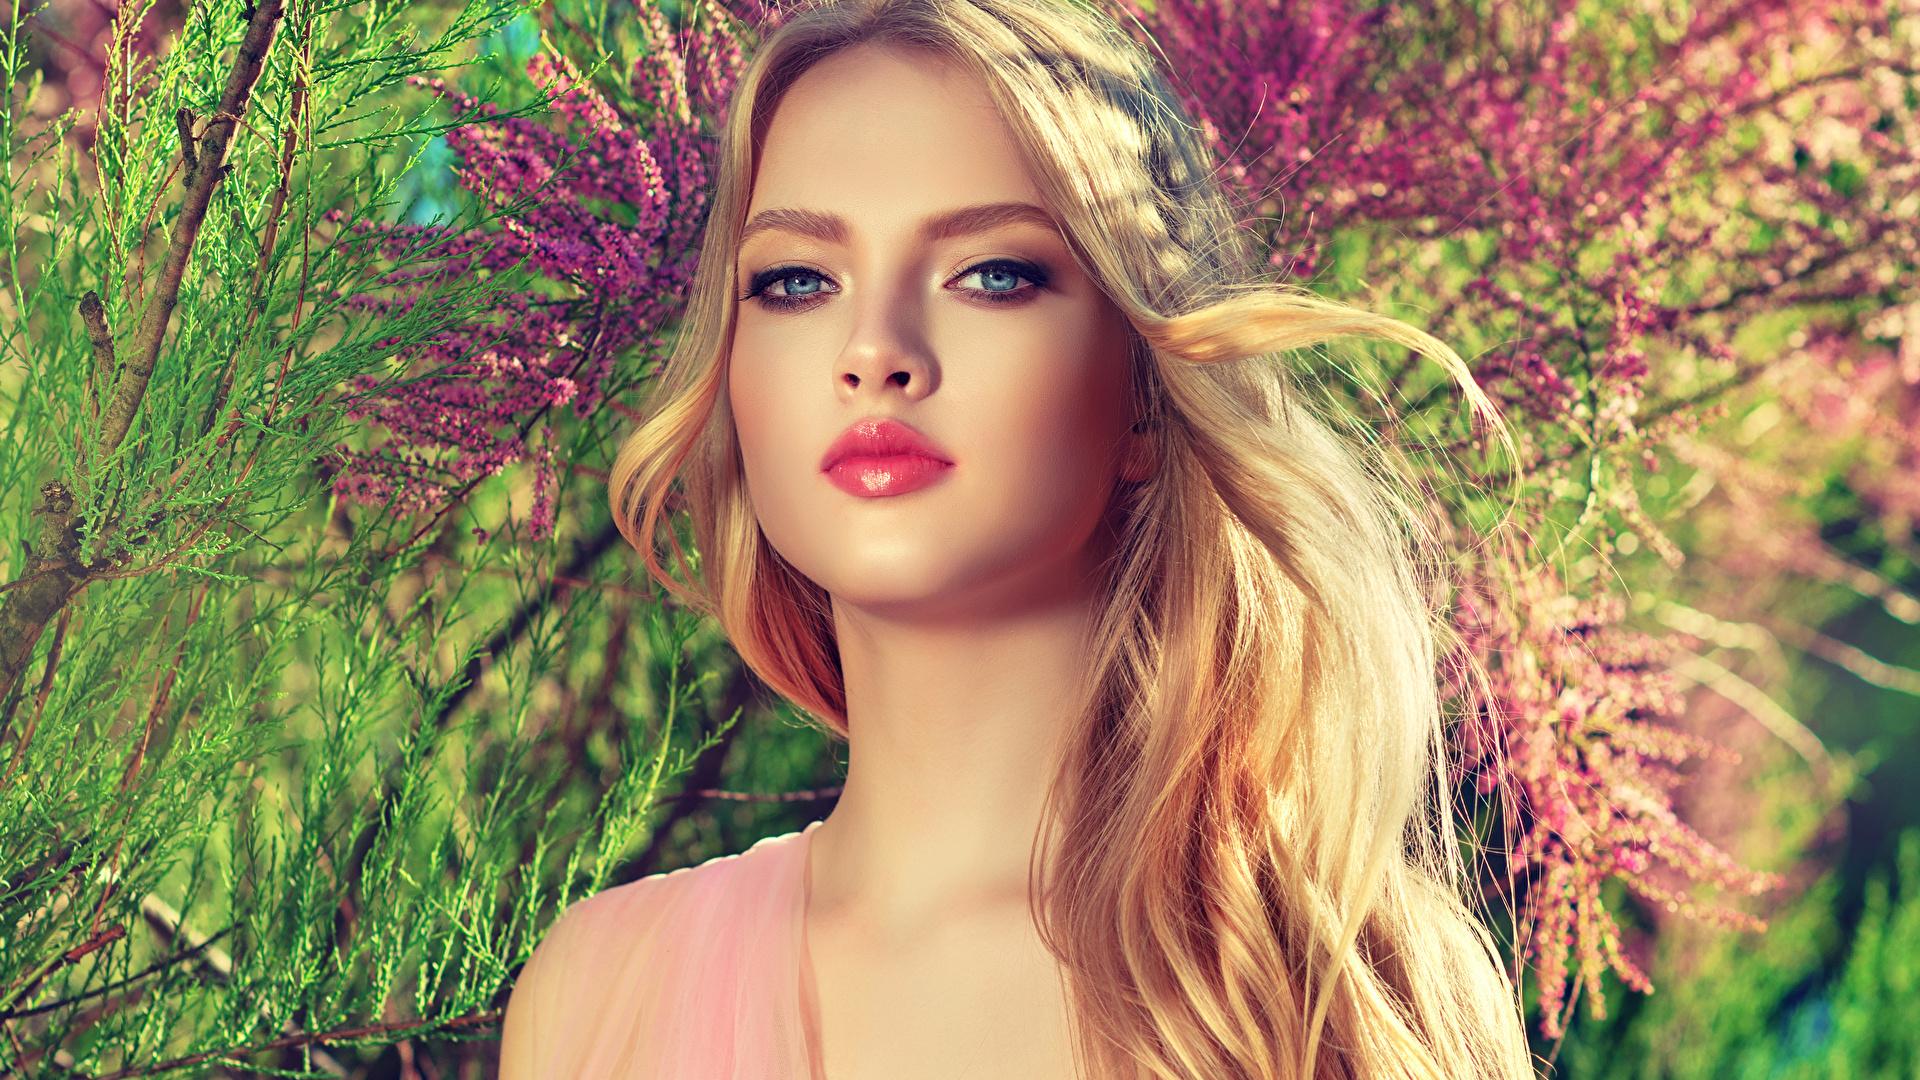 Обои для рабочего стола блондинки косметика на лице Красивые лица Девушки смотрят 1920x1080 блондинок Блондинка Макияж мейкап красивый красивая Лицо девушка молодые женщины молодая женщина Взгляд смотрит